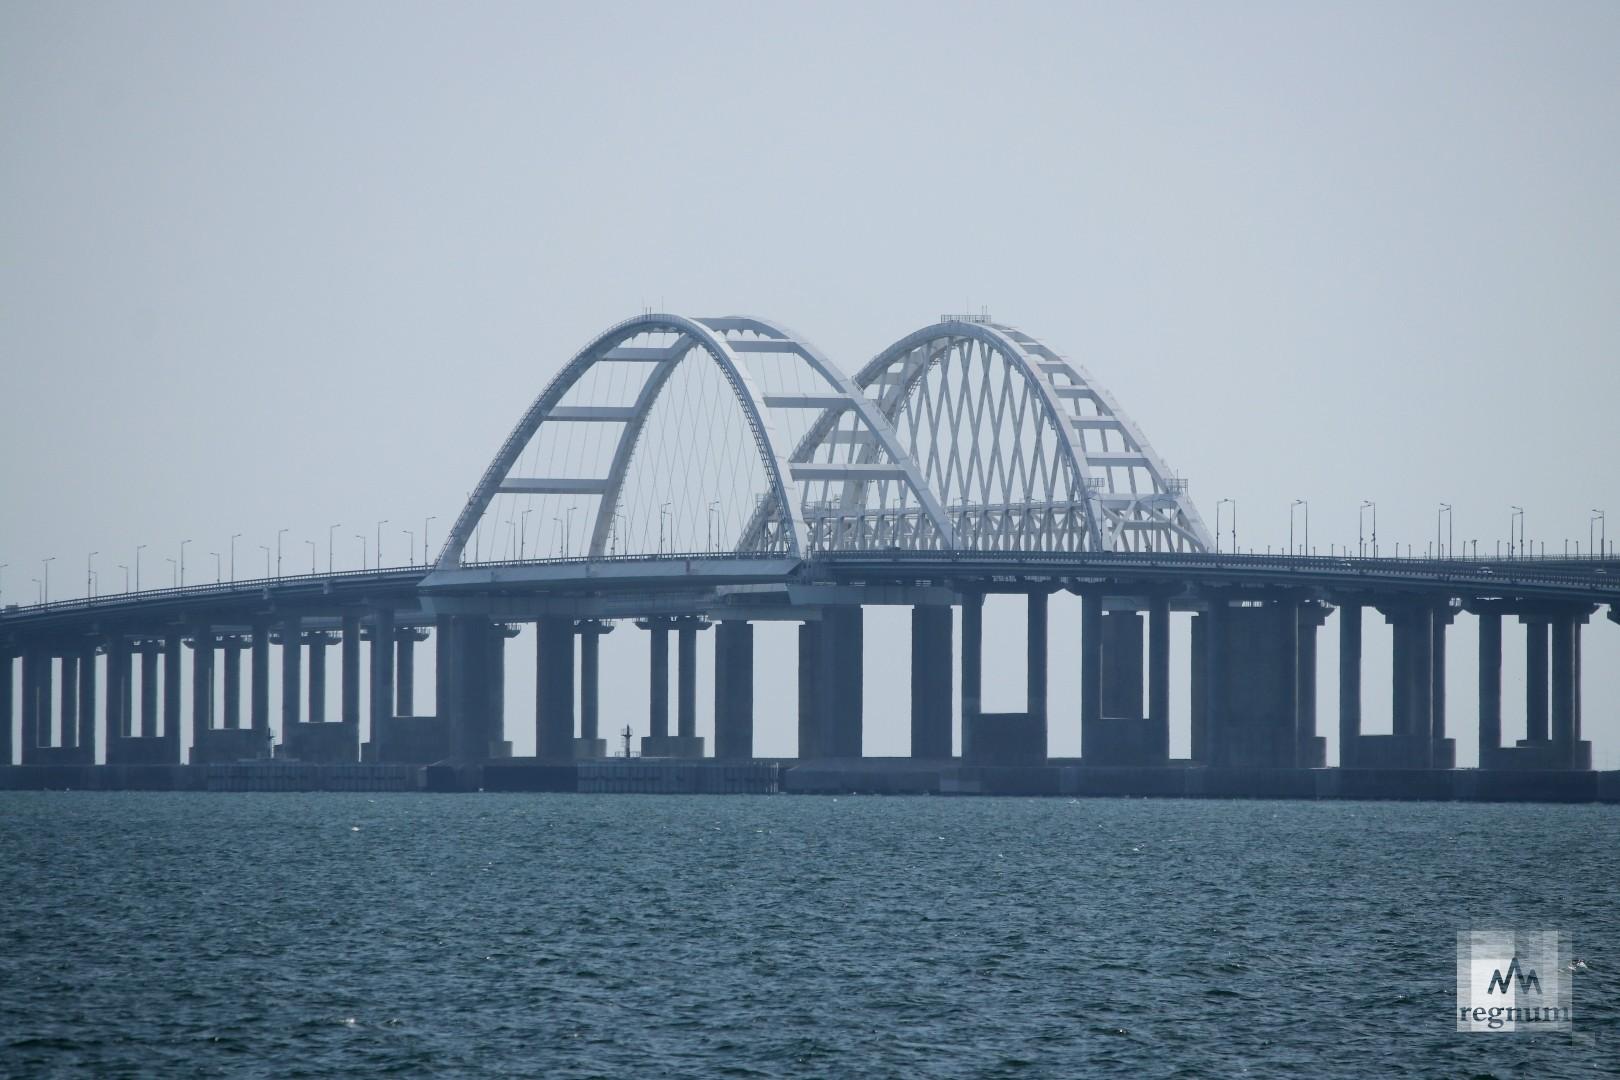 Швейцария ввела санкции против России из-за строительства Крымского моста